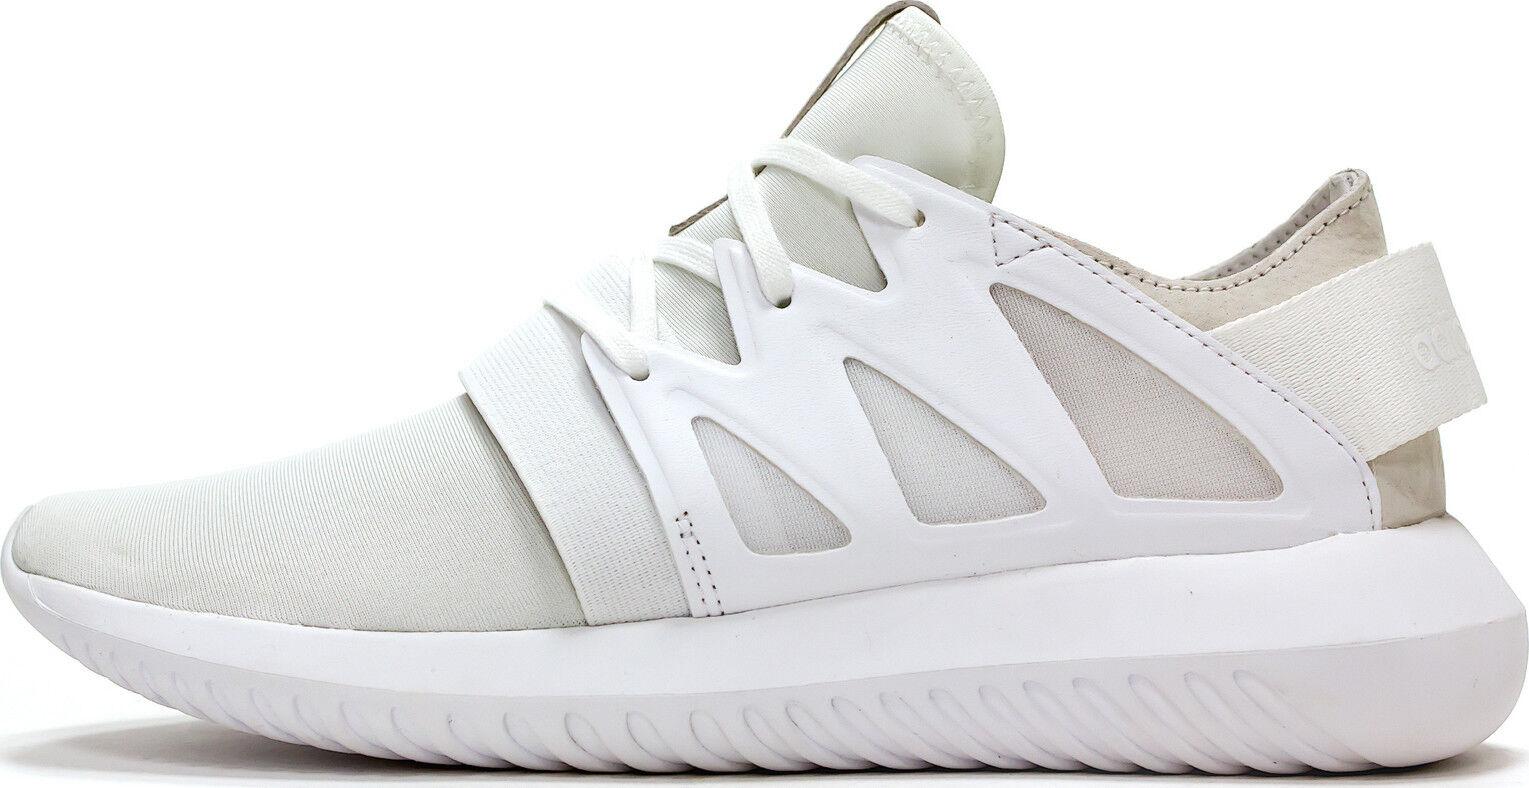 Damenschuhe adidas tubuläre virale w neu snekaerr weiße wei ß gr: 40 superstar retro